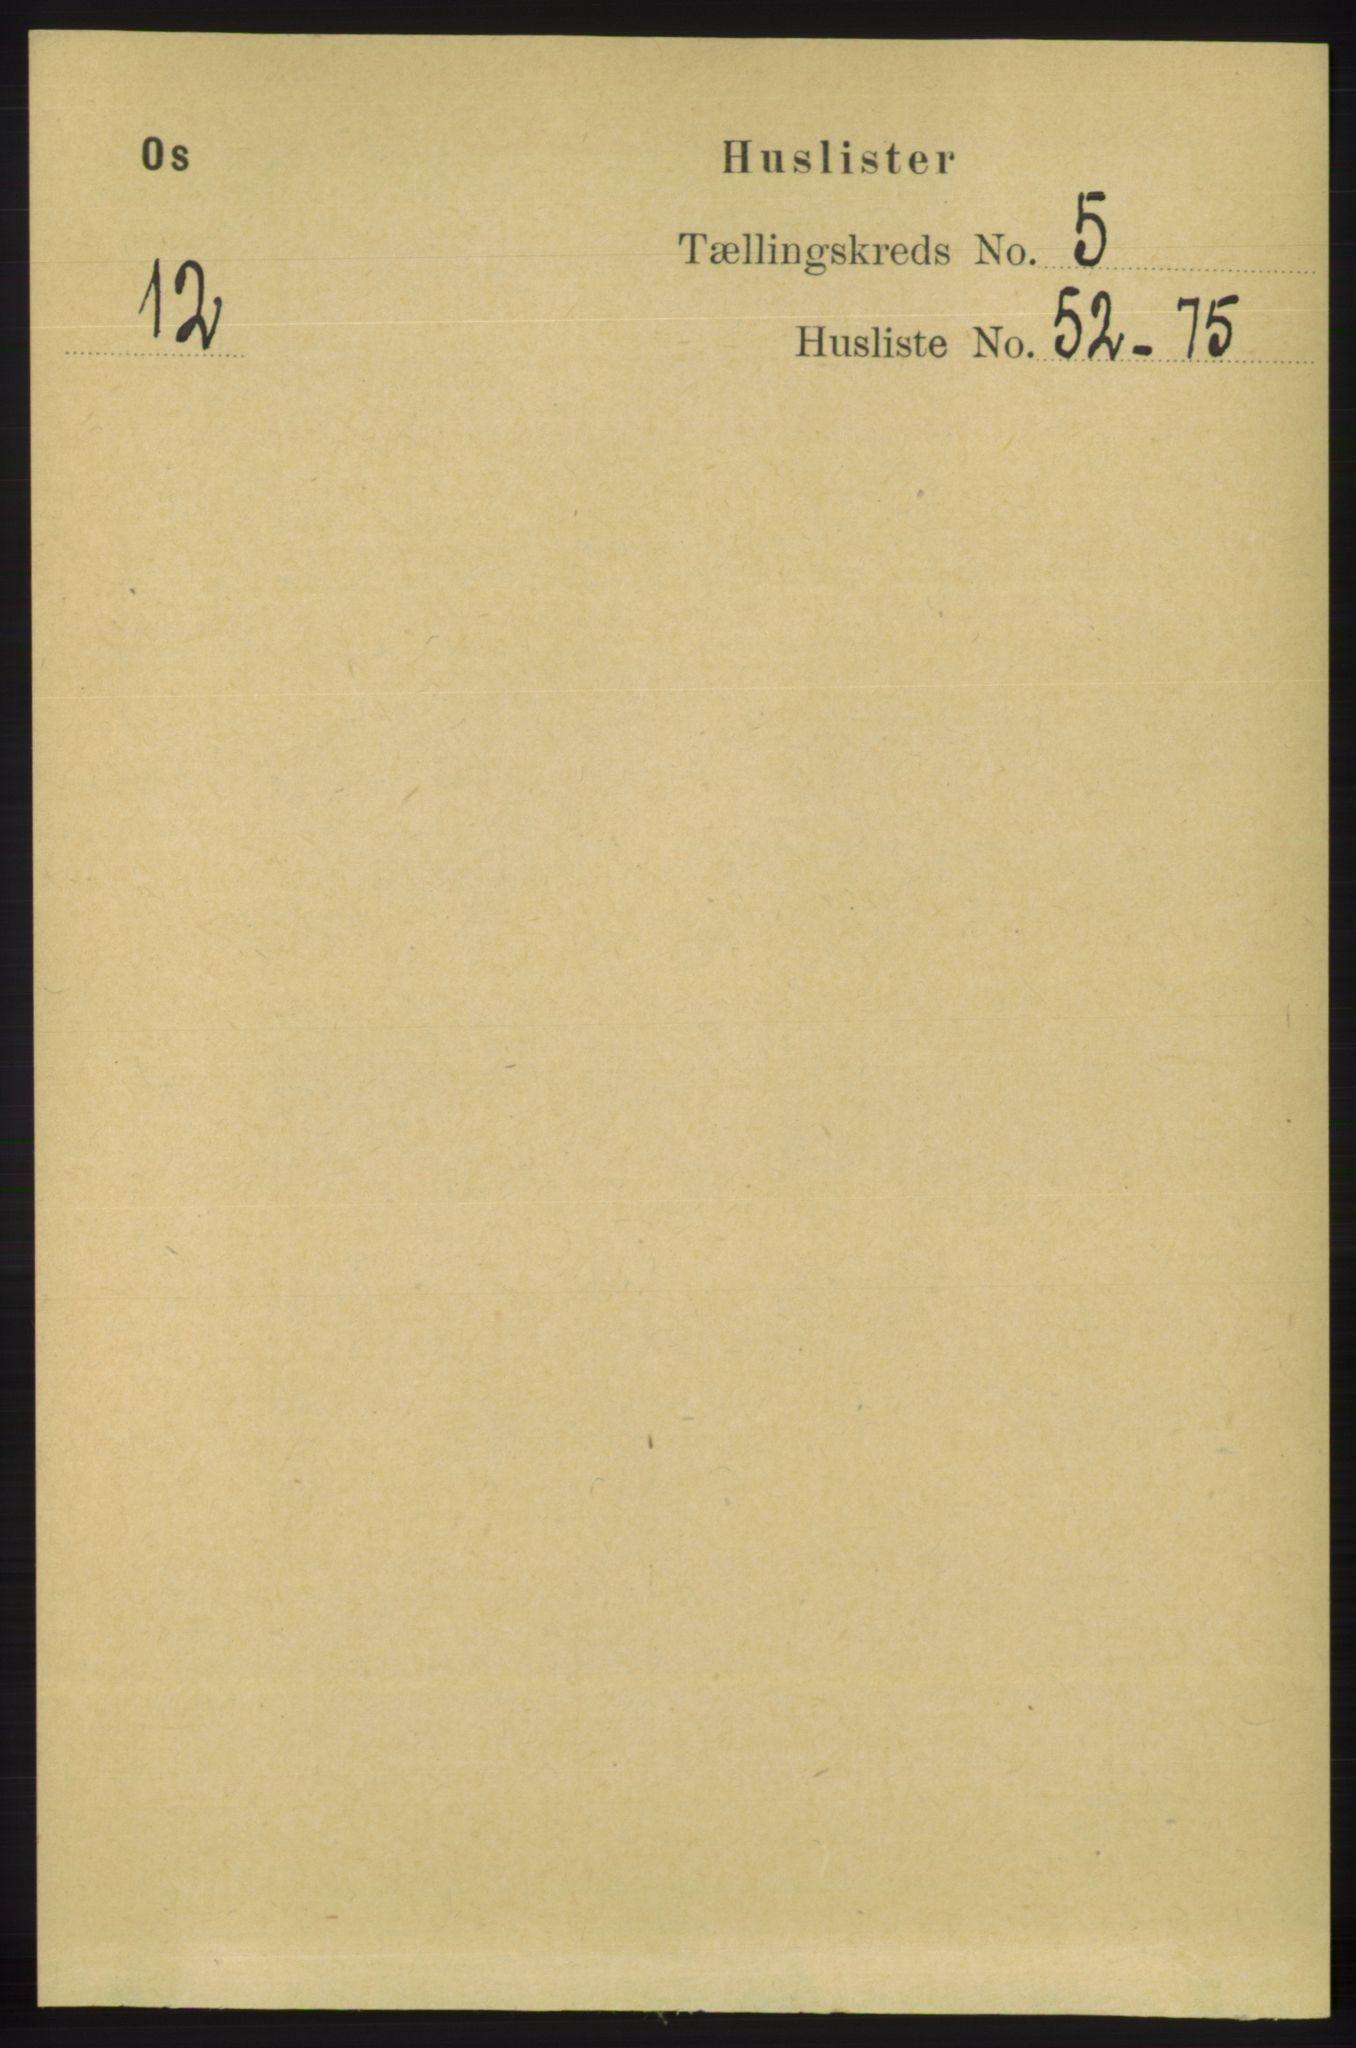 RA, Folketelling 1891 for 1243 Os herred, 1891, s. 1219